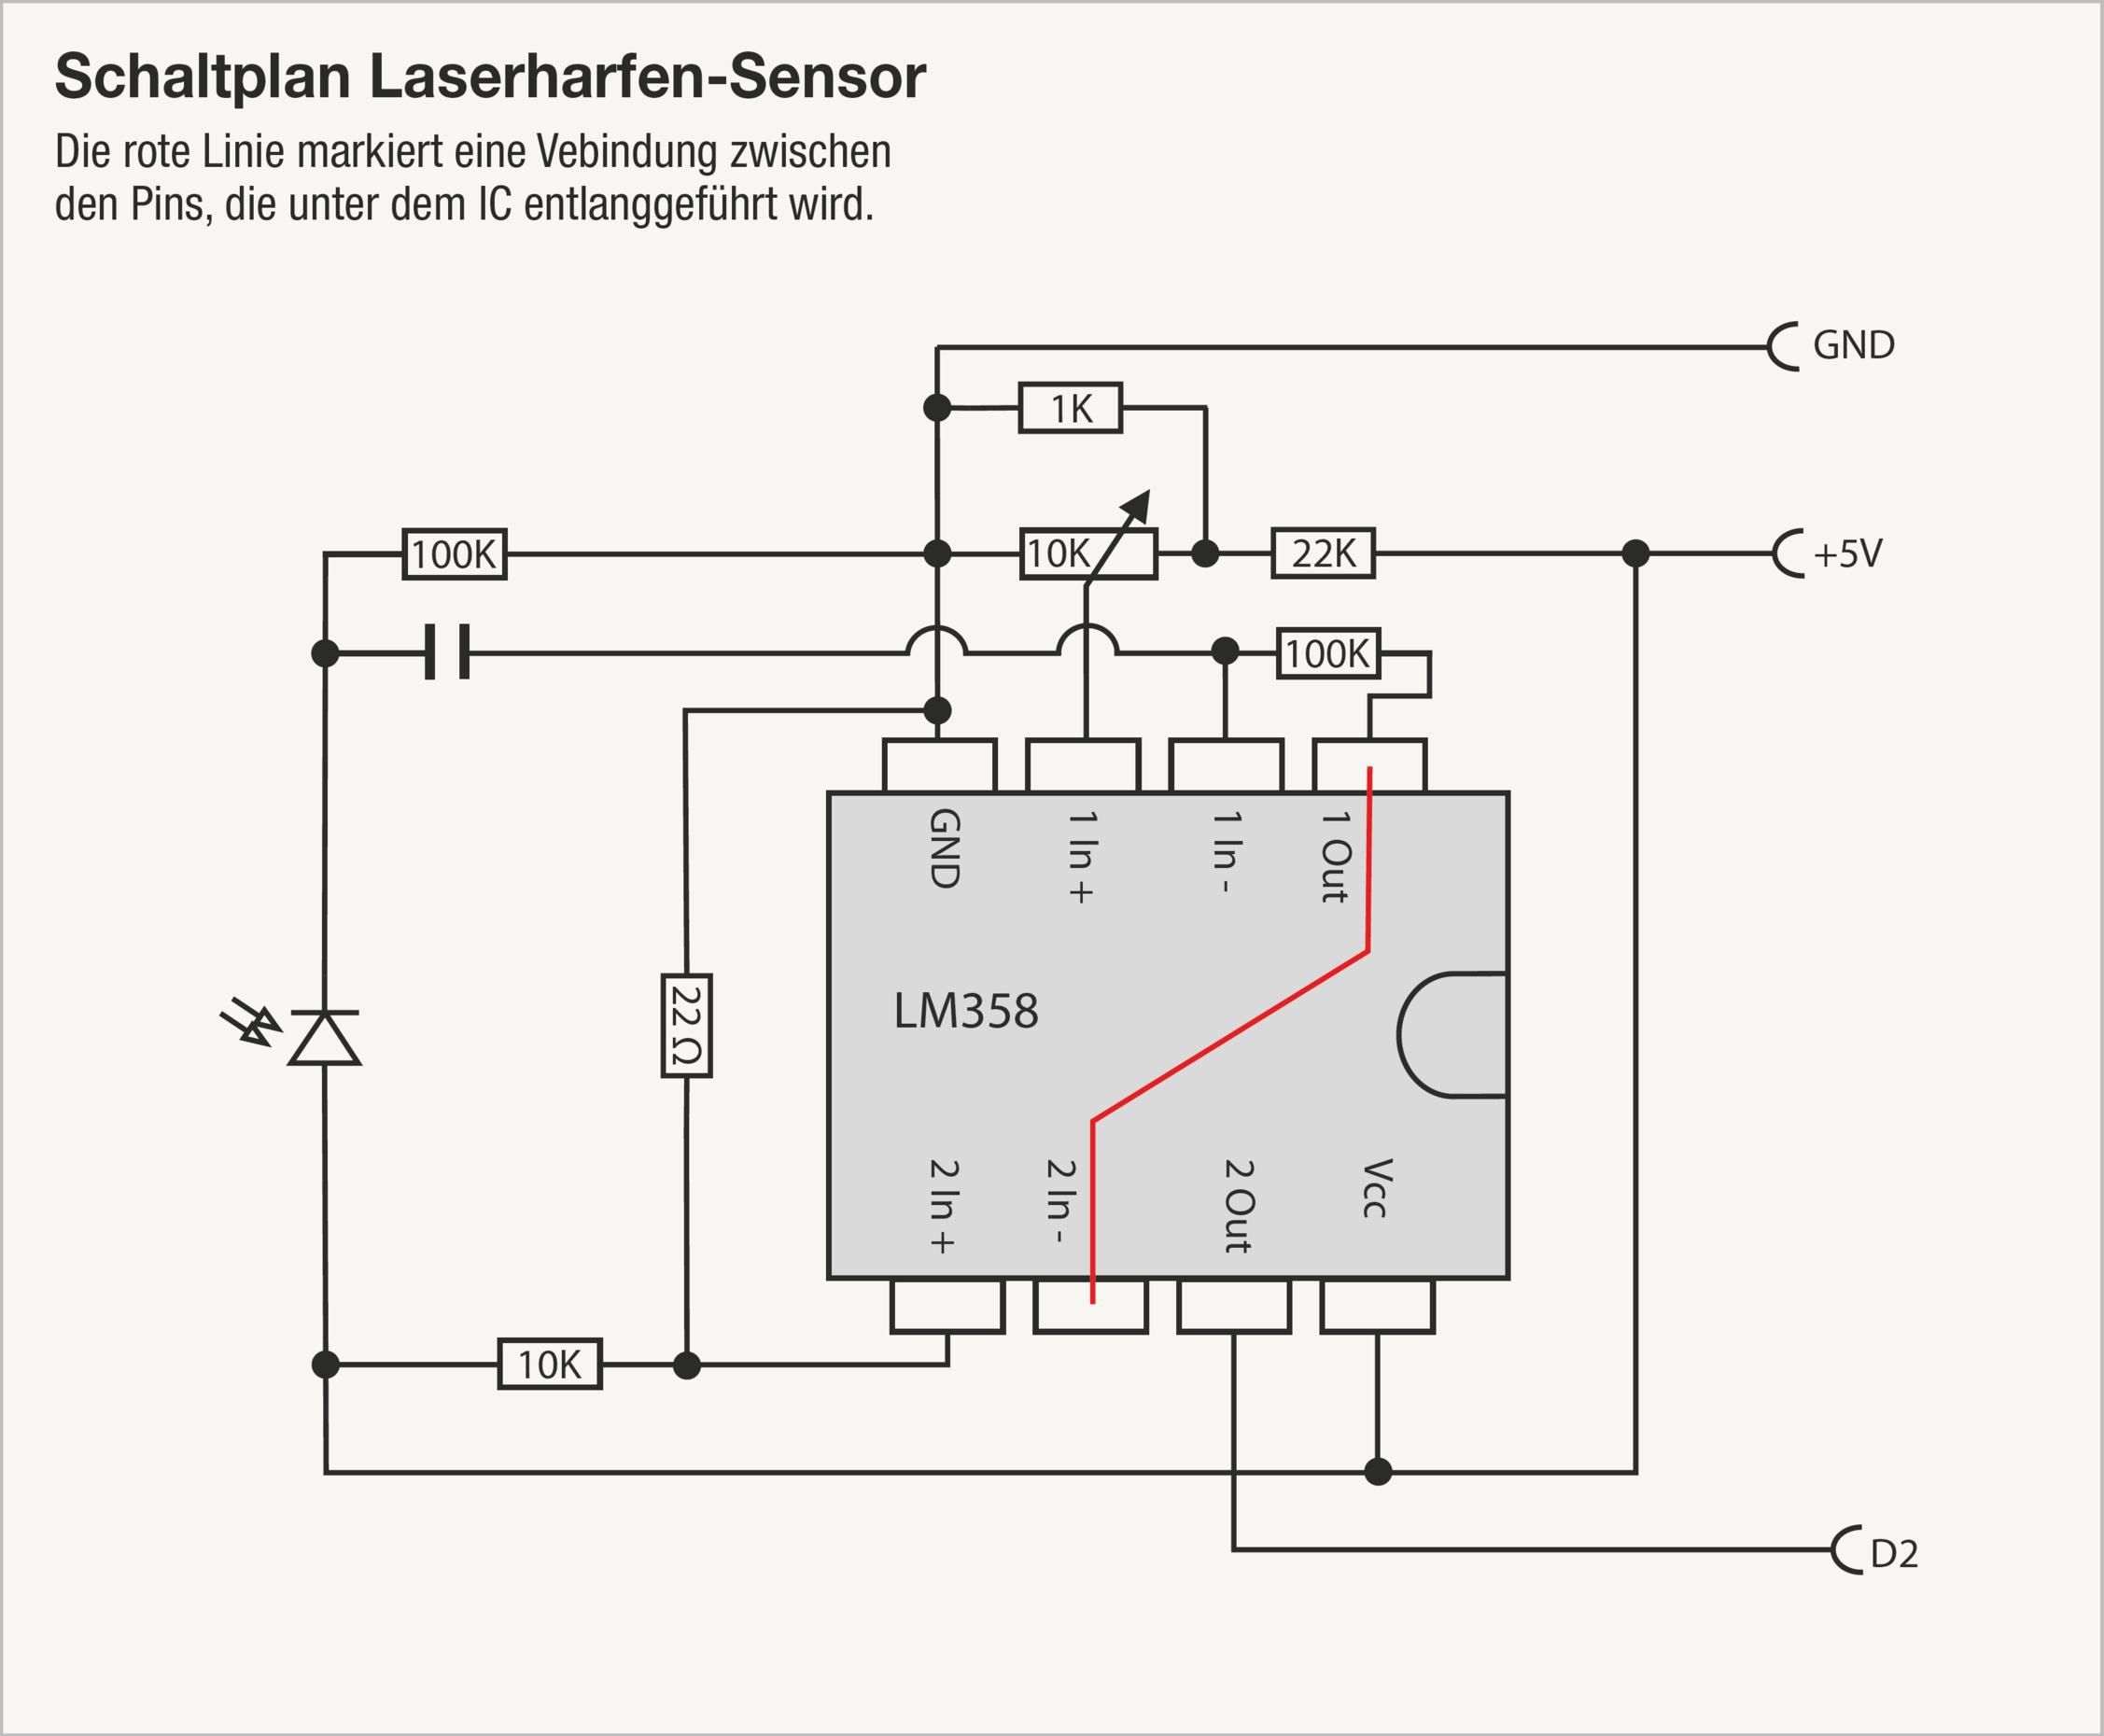 Wunderbar Rauchmelder Schaltplan Installation Galerie - Elektrische ...